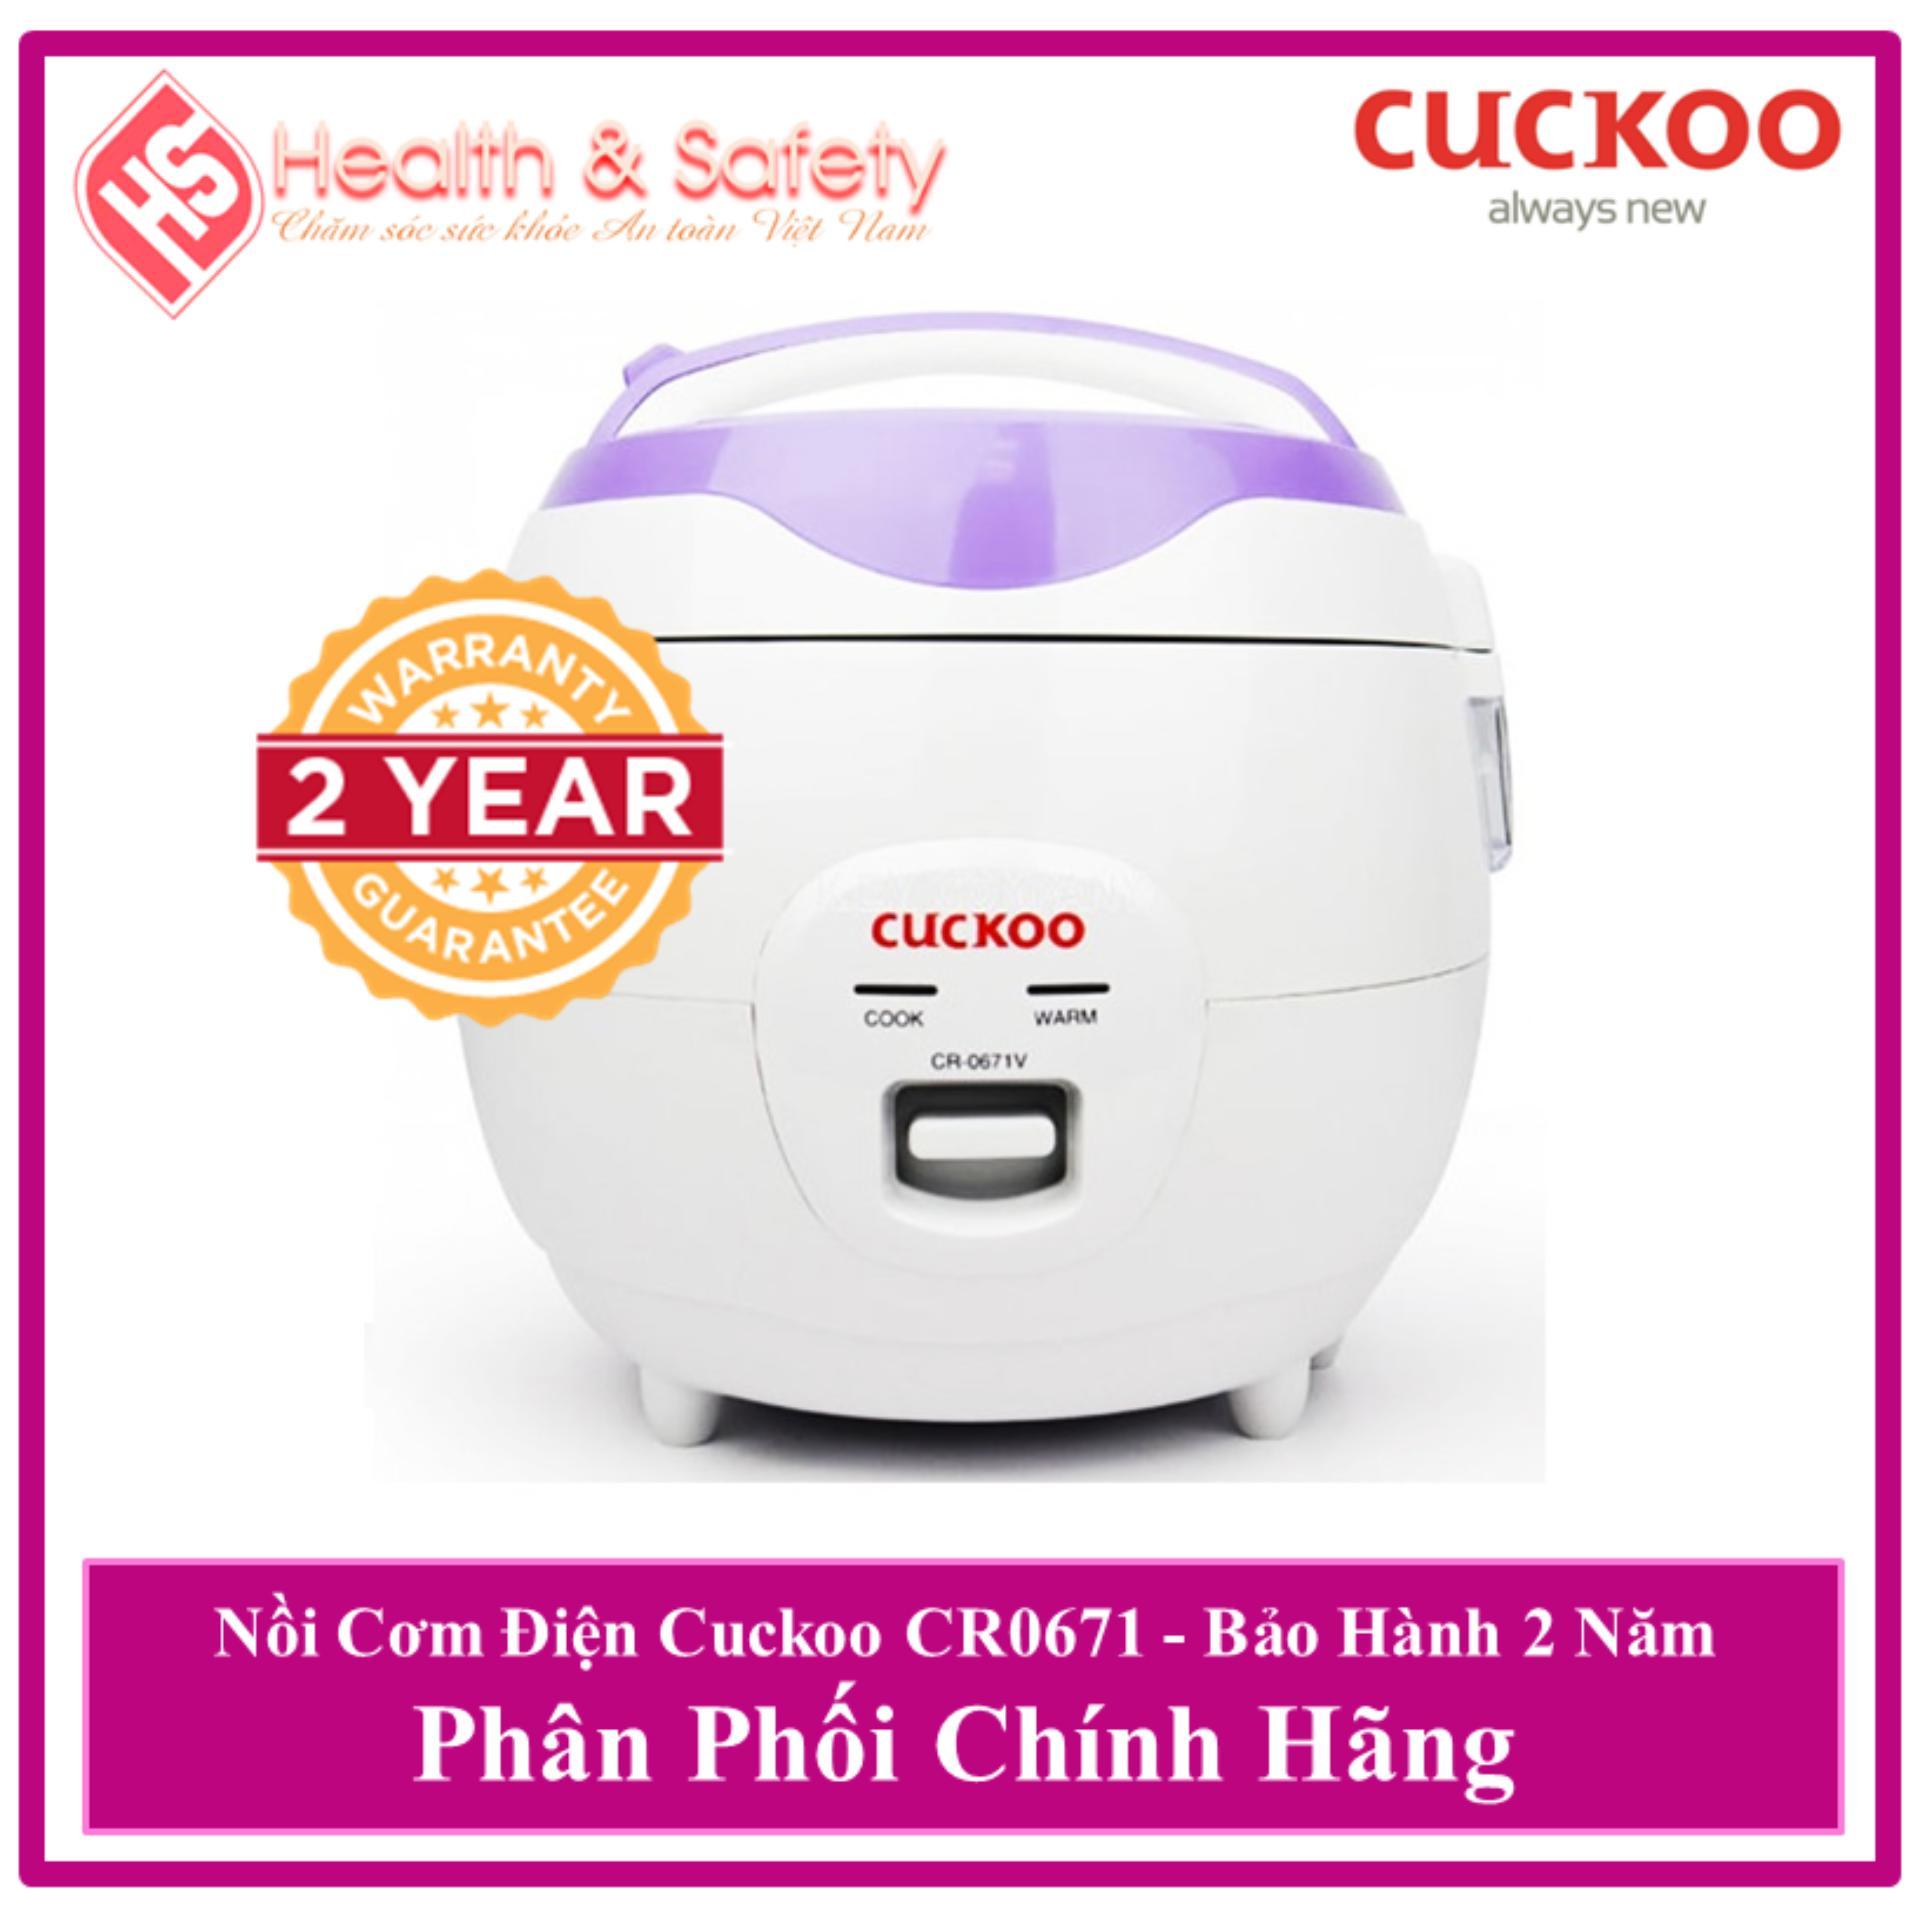 HÀNG CHÍNH HÃNG Nồi cơm điện Cuckoo Cao Cấp CR-0671V 1.0 lít - Bảo Hành 24 Tháng